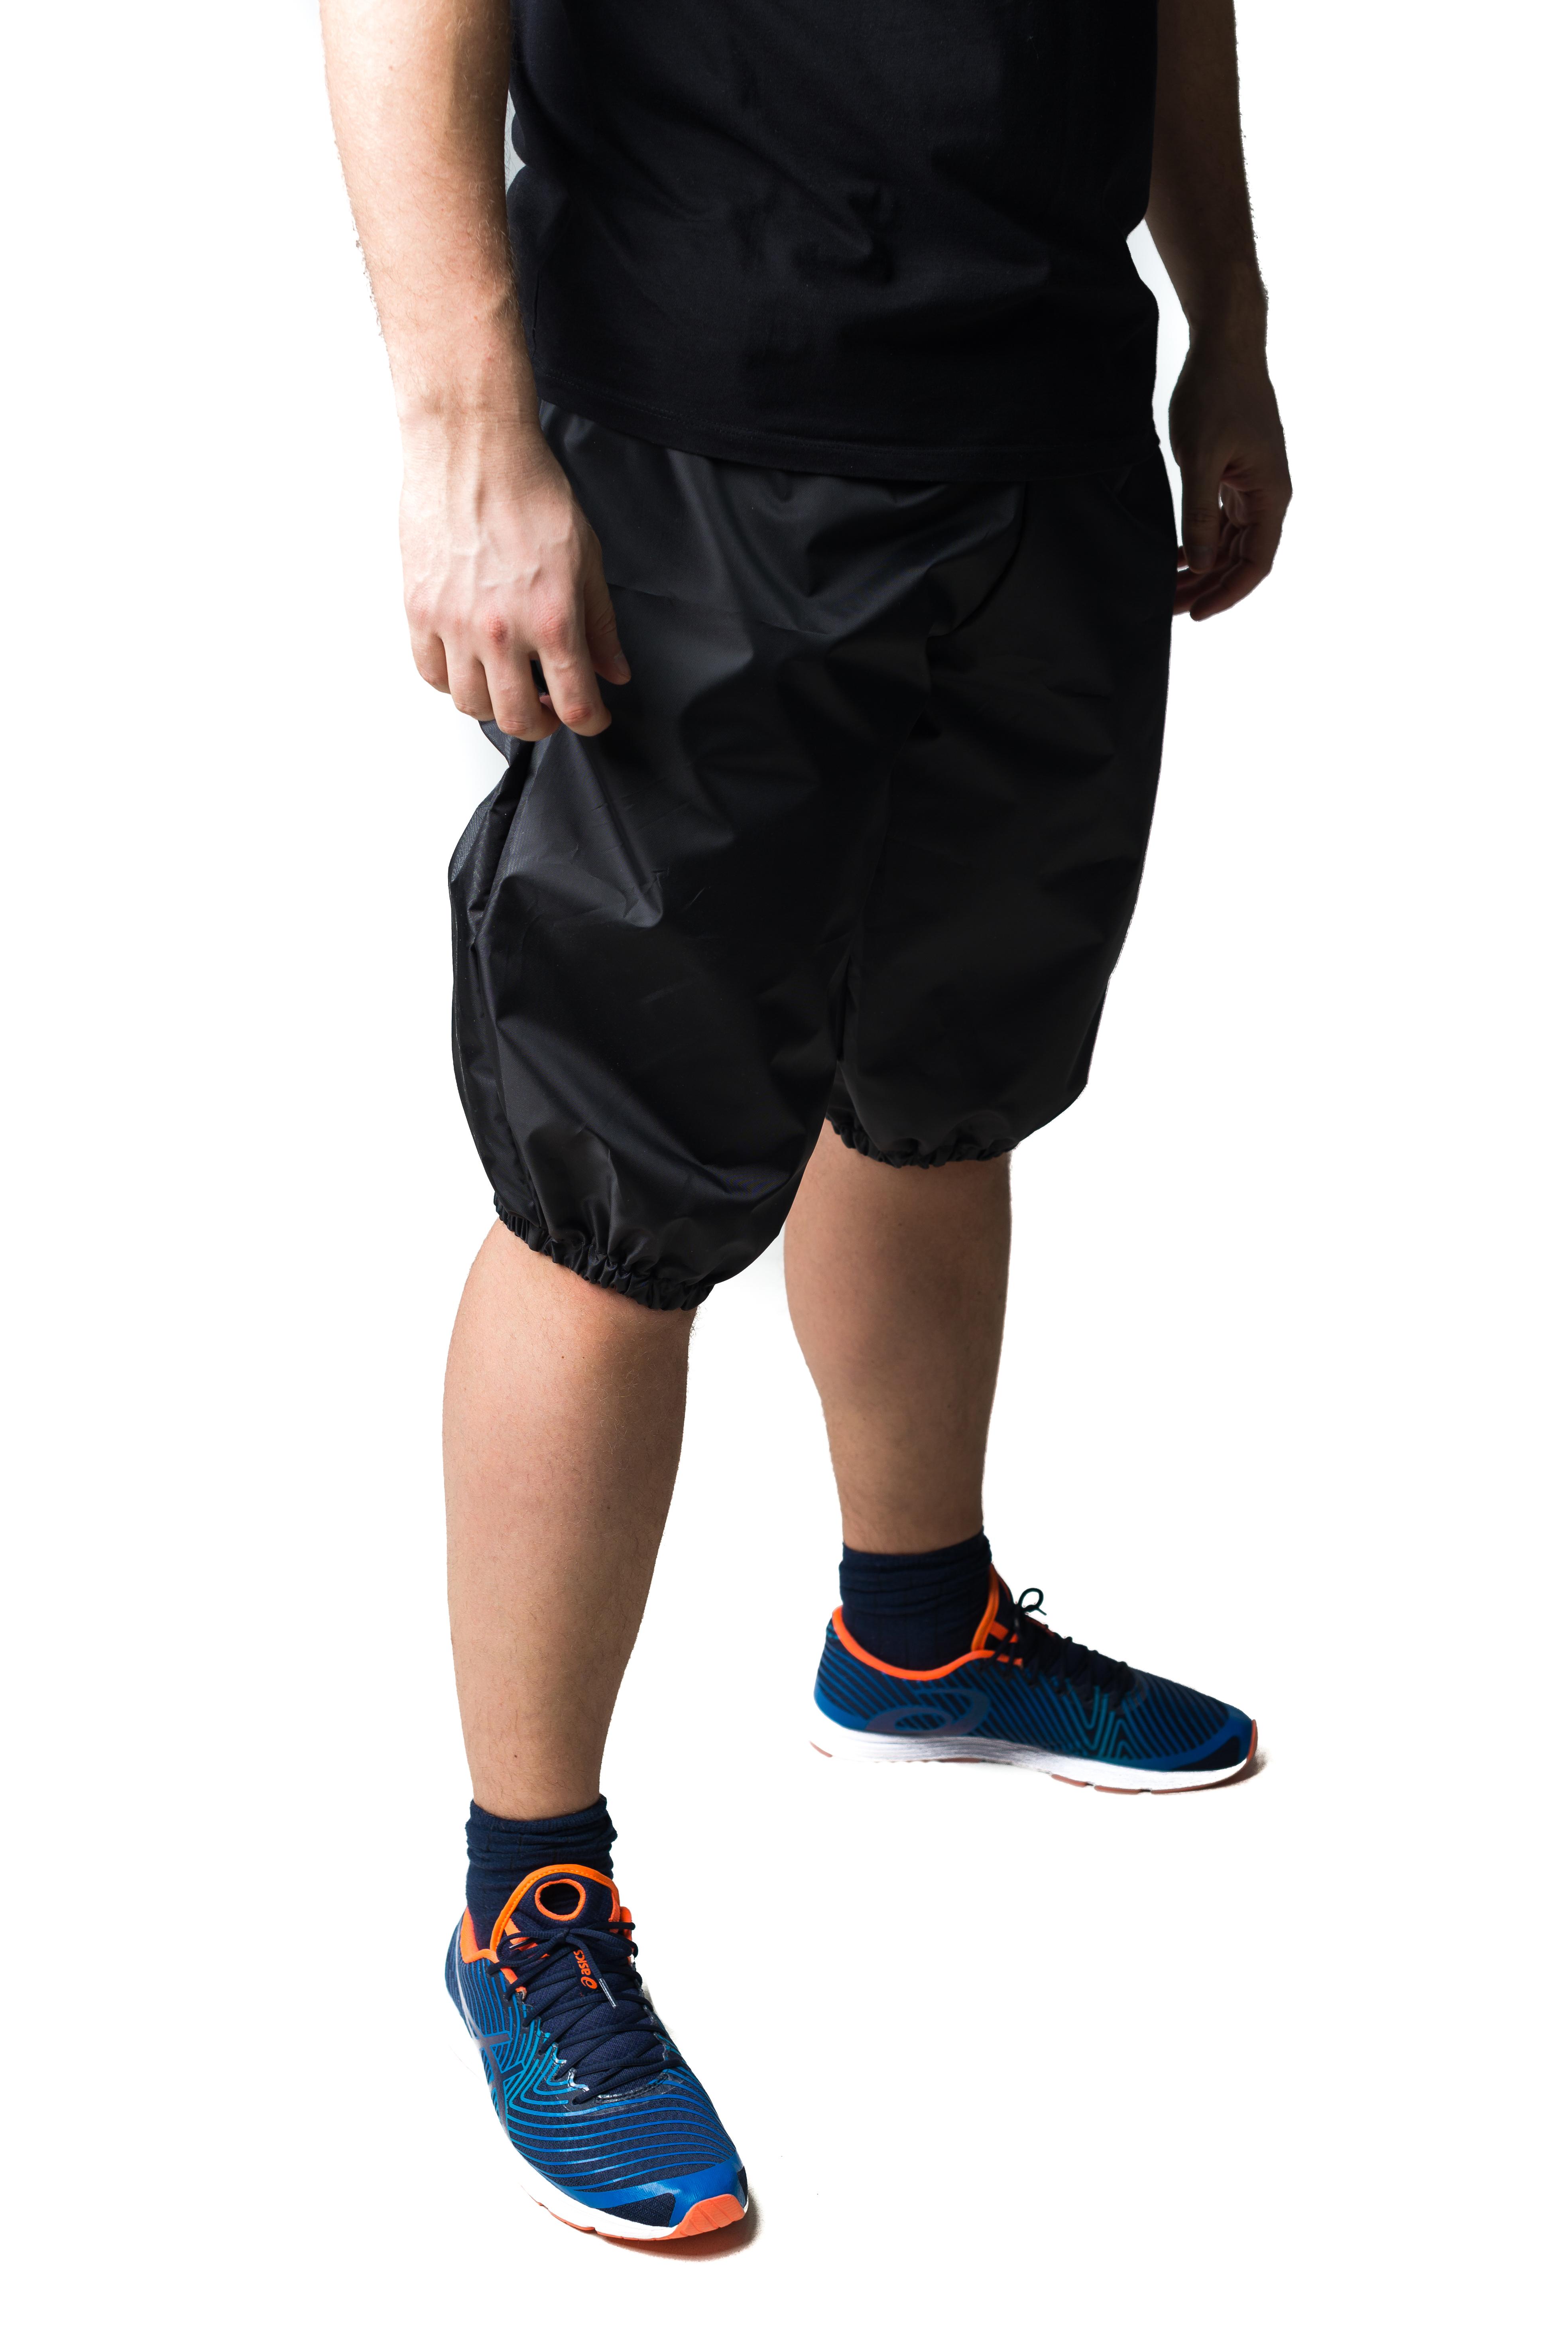 цена Шорты-сауна Sproots для похудения, 20852 онлайн в 2017 году